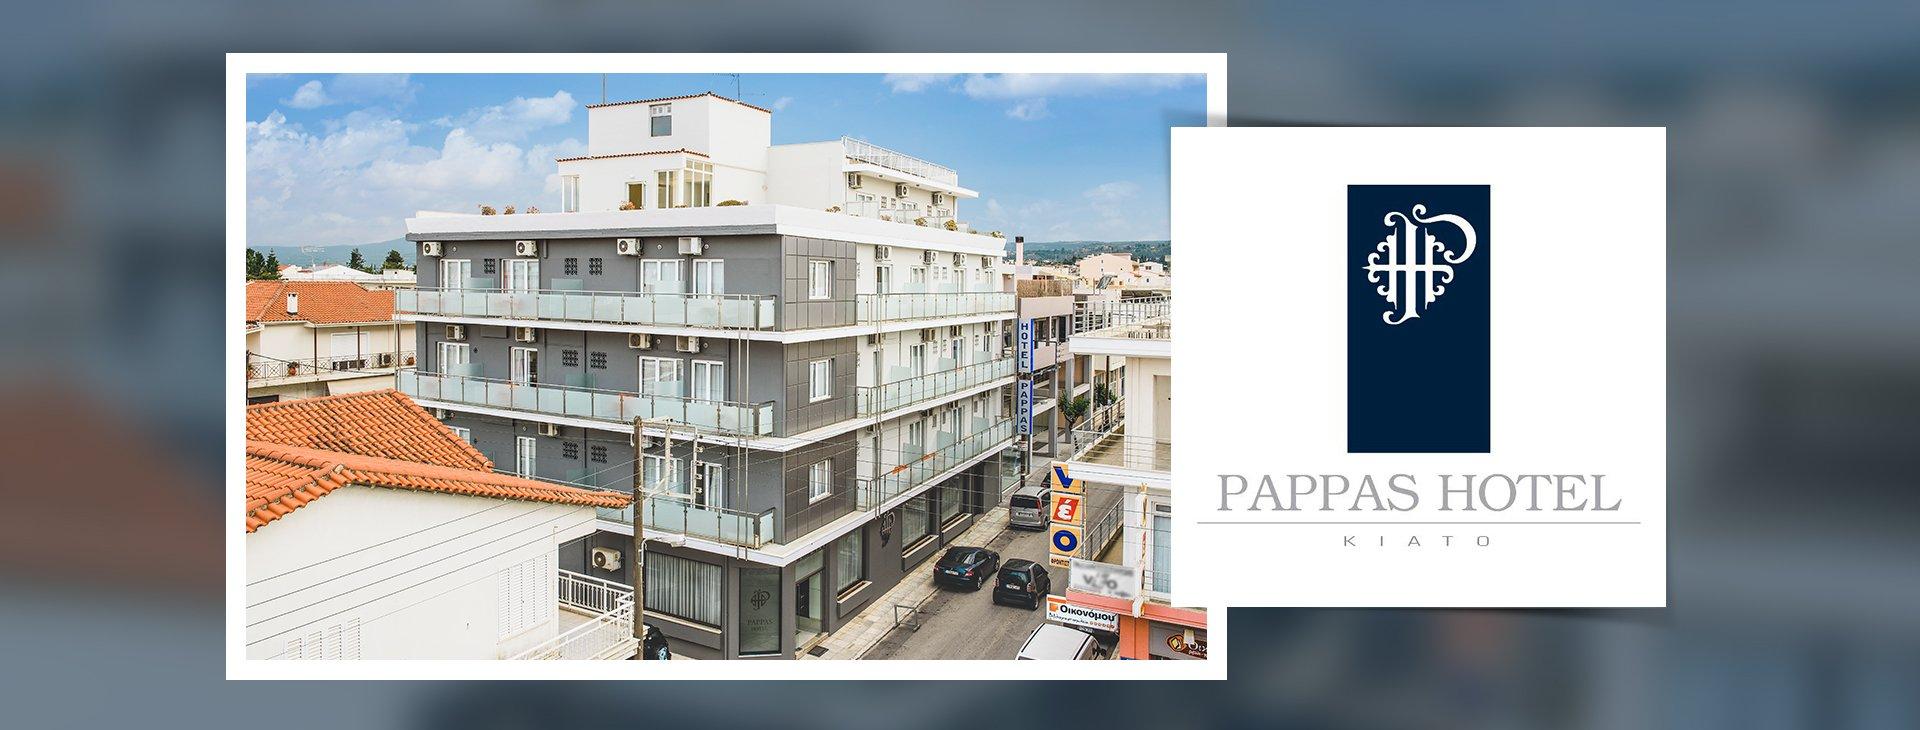 Hotel Pappas slide 2